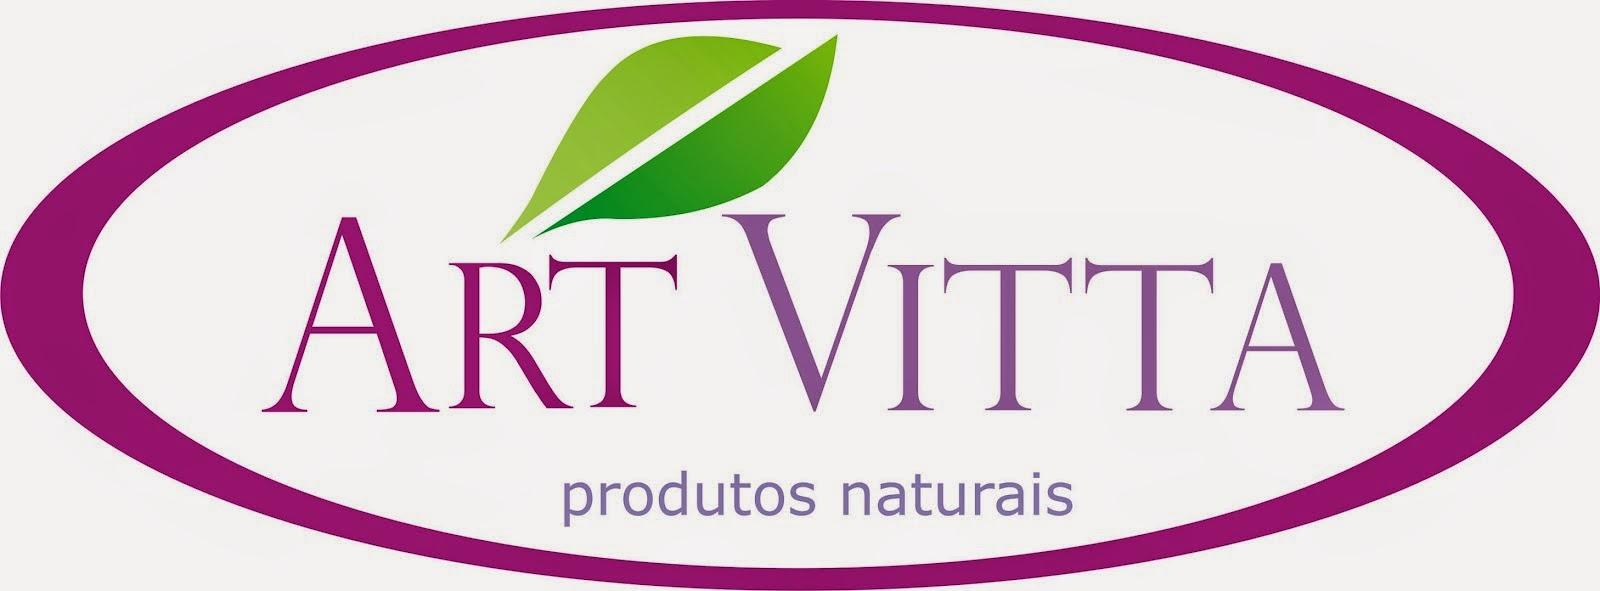 http://www.artvitta.com.br/